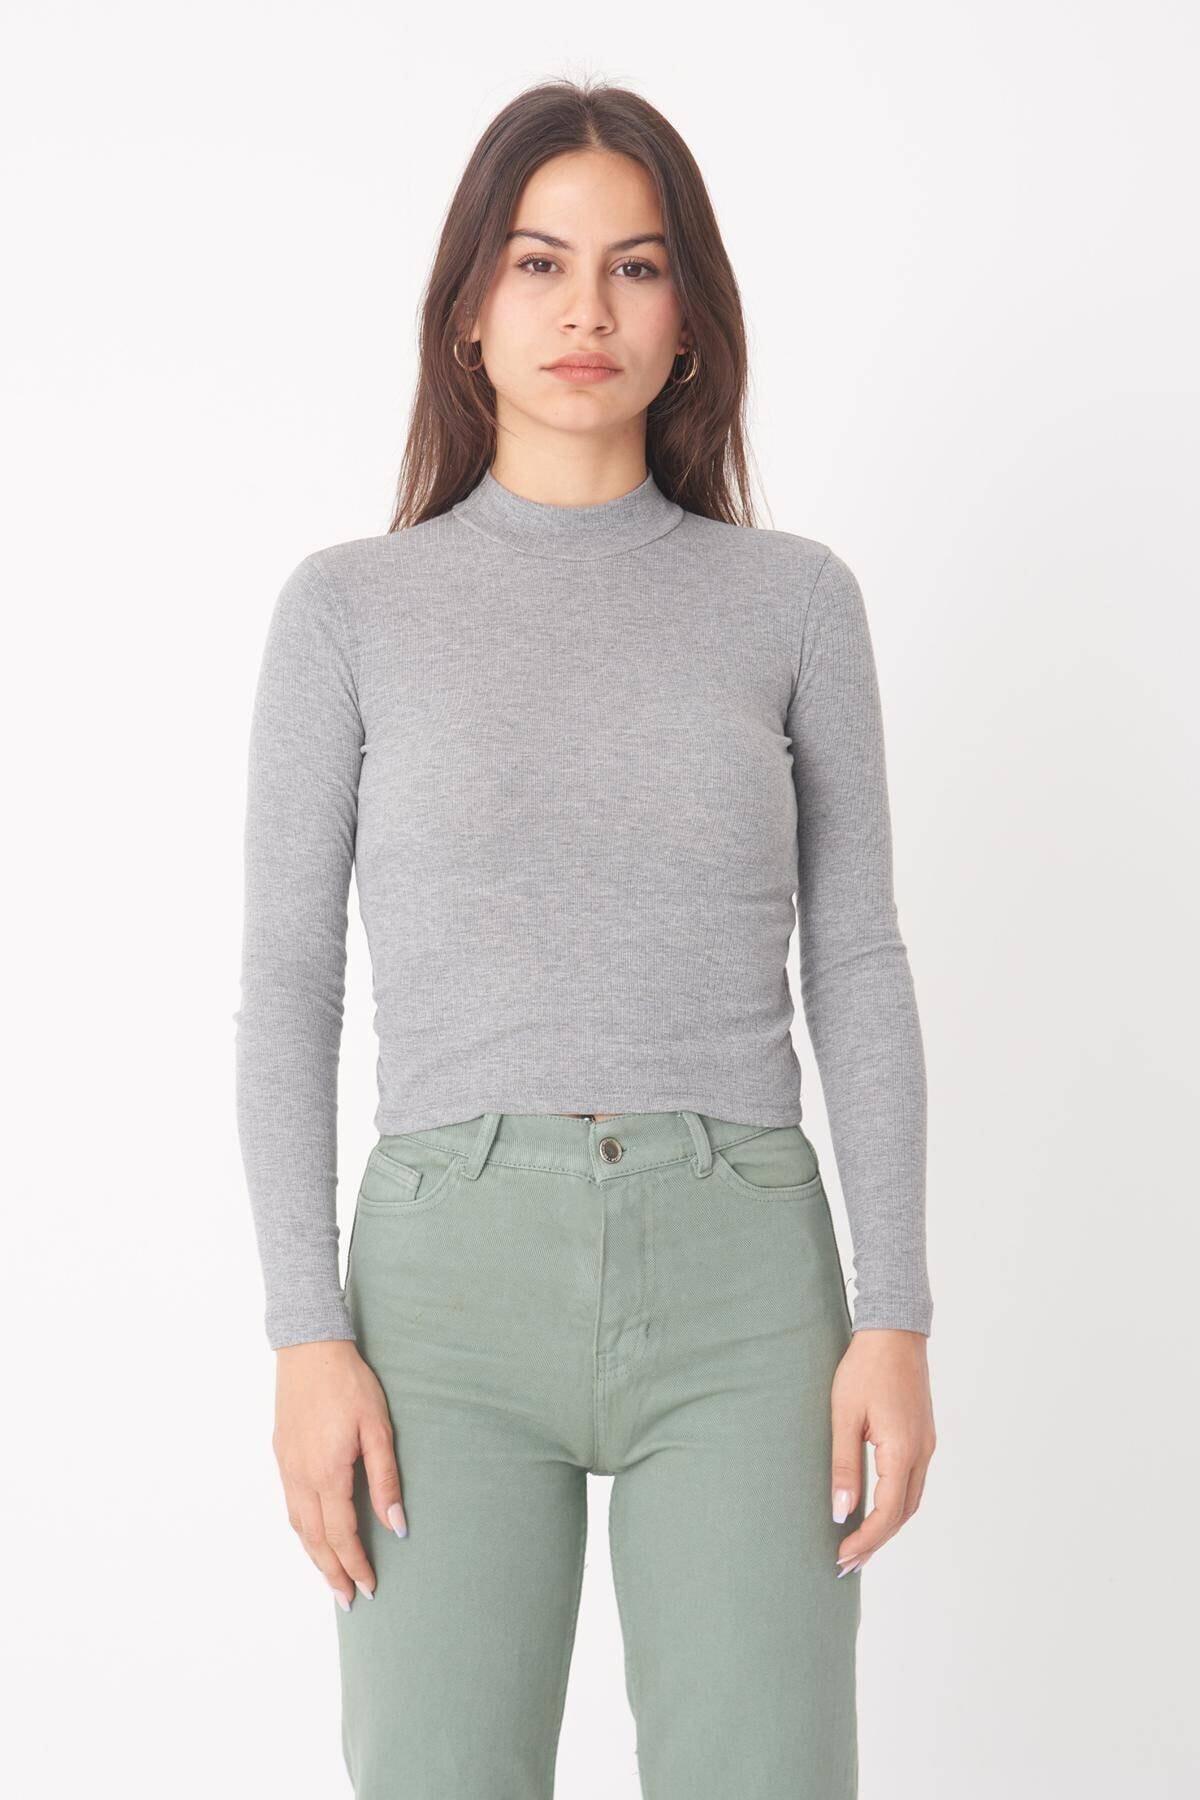 Addax Kadın Gri Melanj Uzun Kollu Bluz B1070 - U8 ADX-0000023027 2